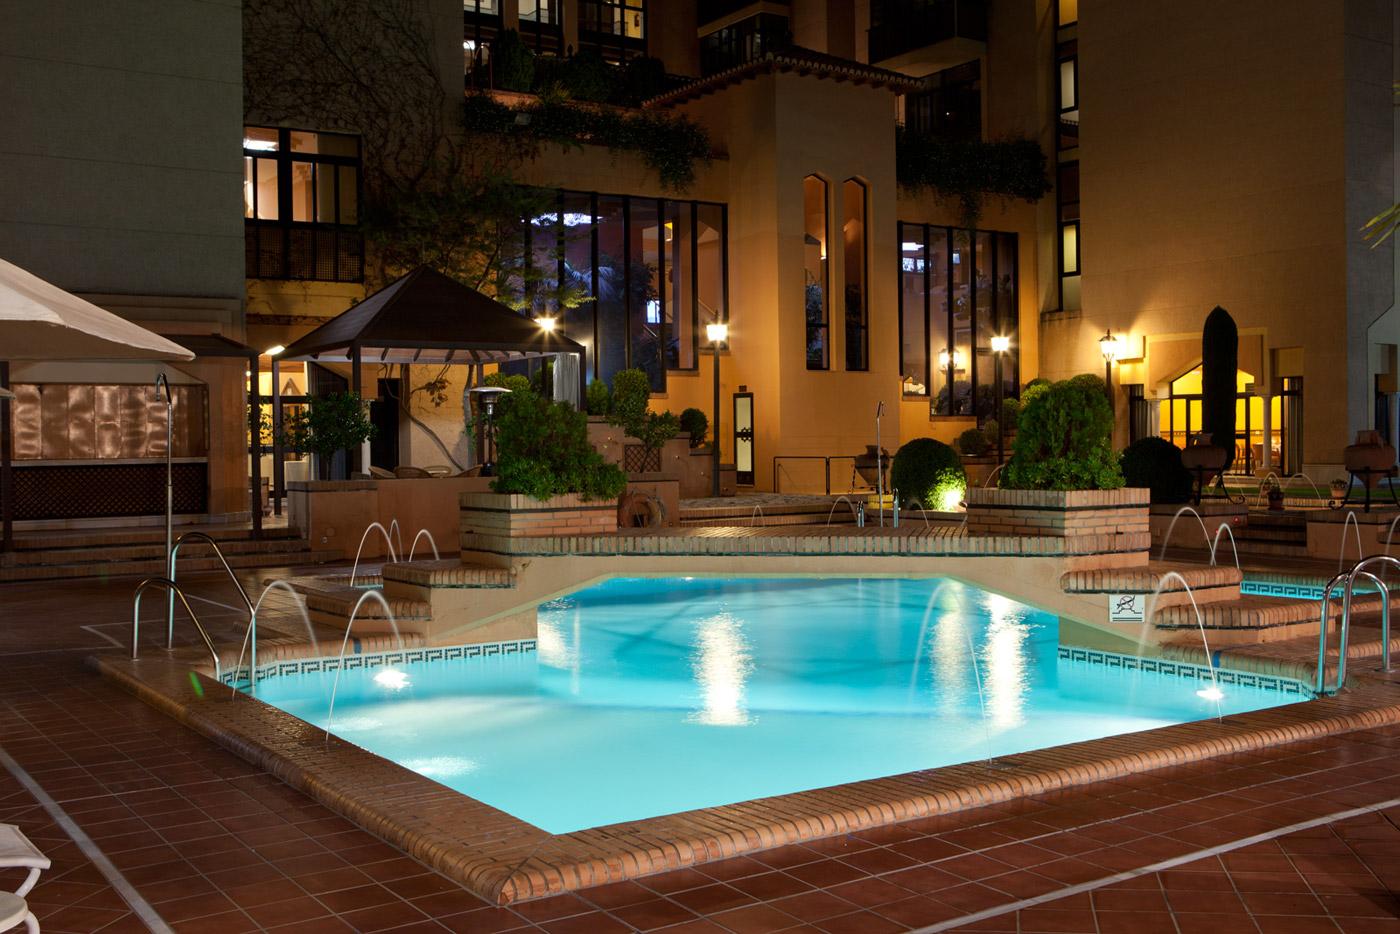 Las 10 mejores piscinas de hotel espa olas for Hoteles en granada con piscina climatizada